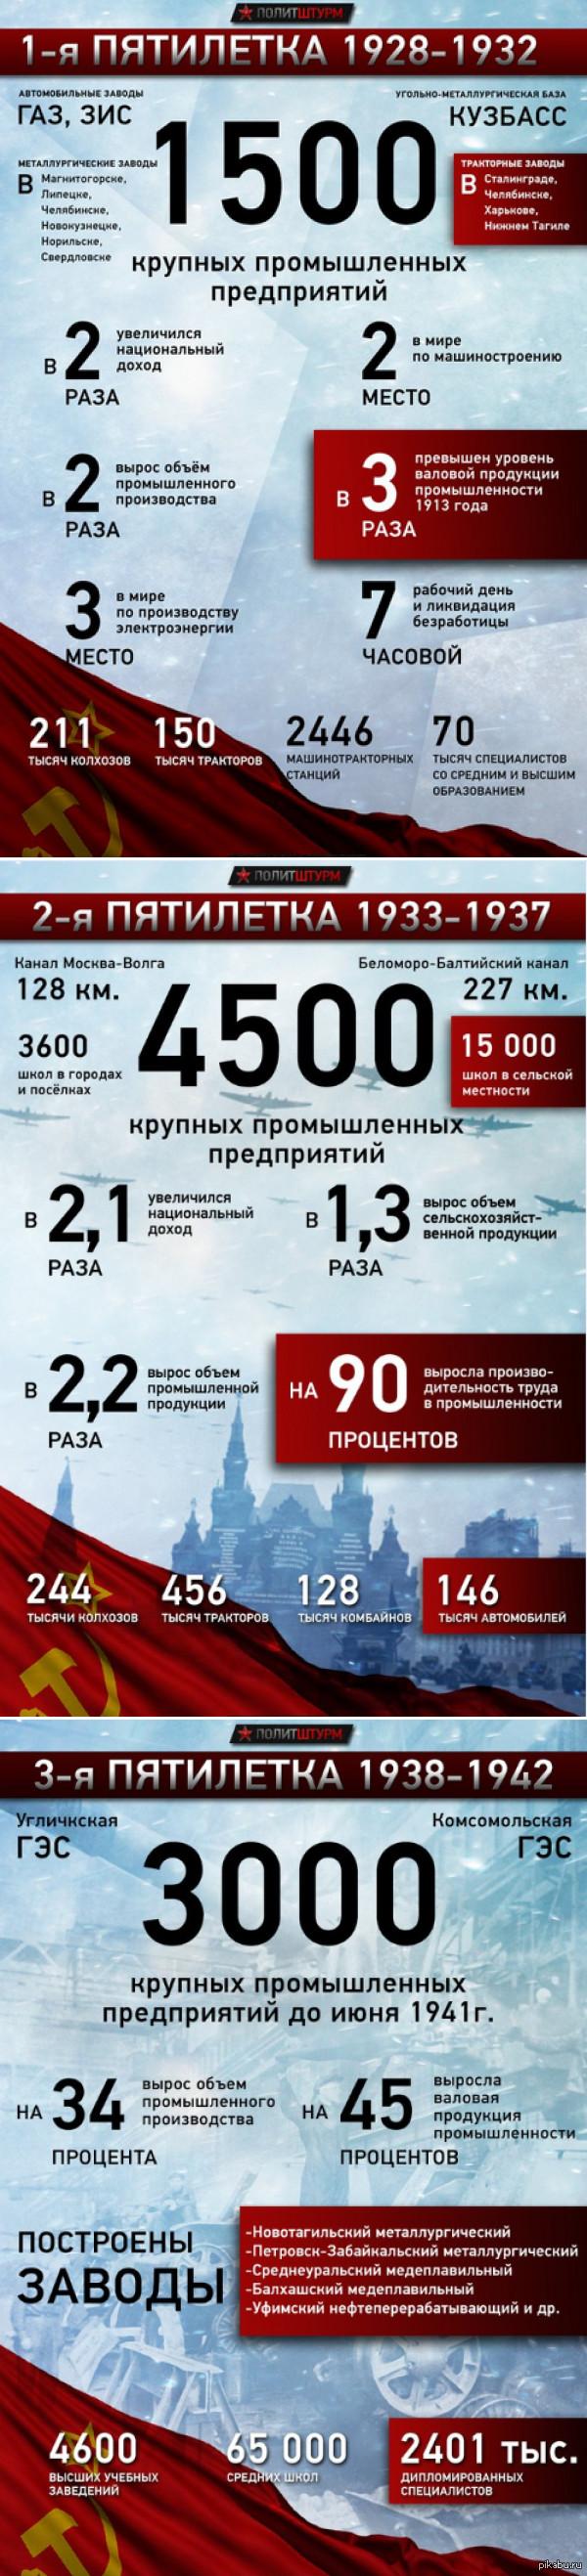 Довоенные Советские пятилетки. Слышал легенду, будто когда-то нашу страну населяли гиганты...